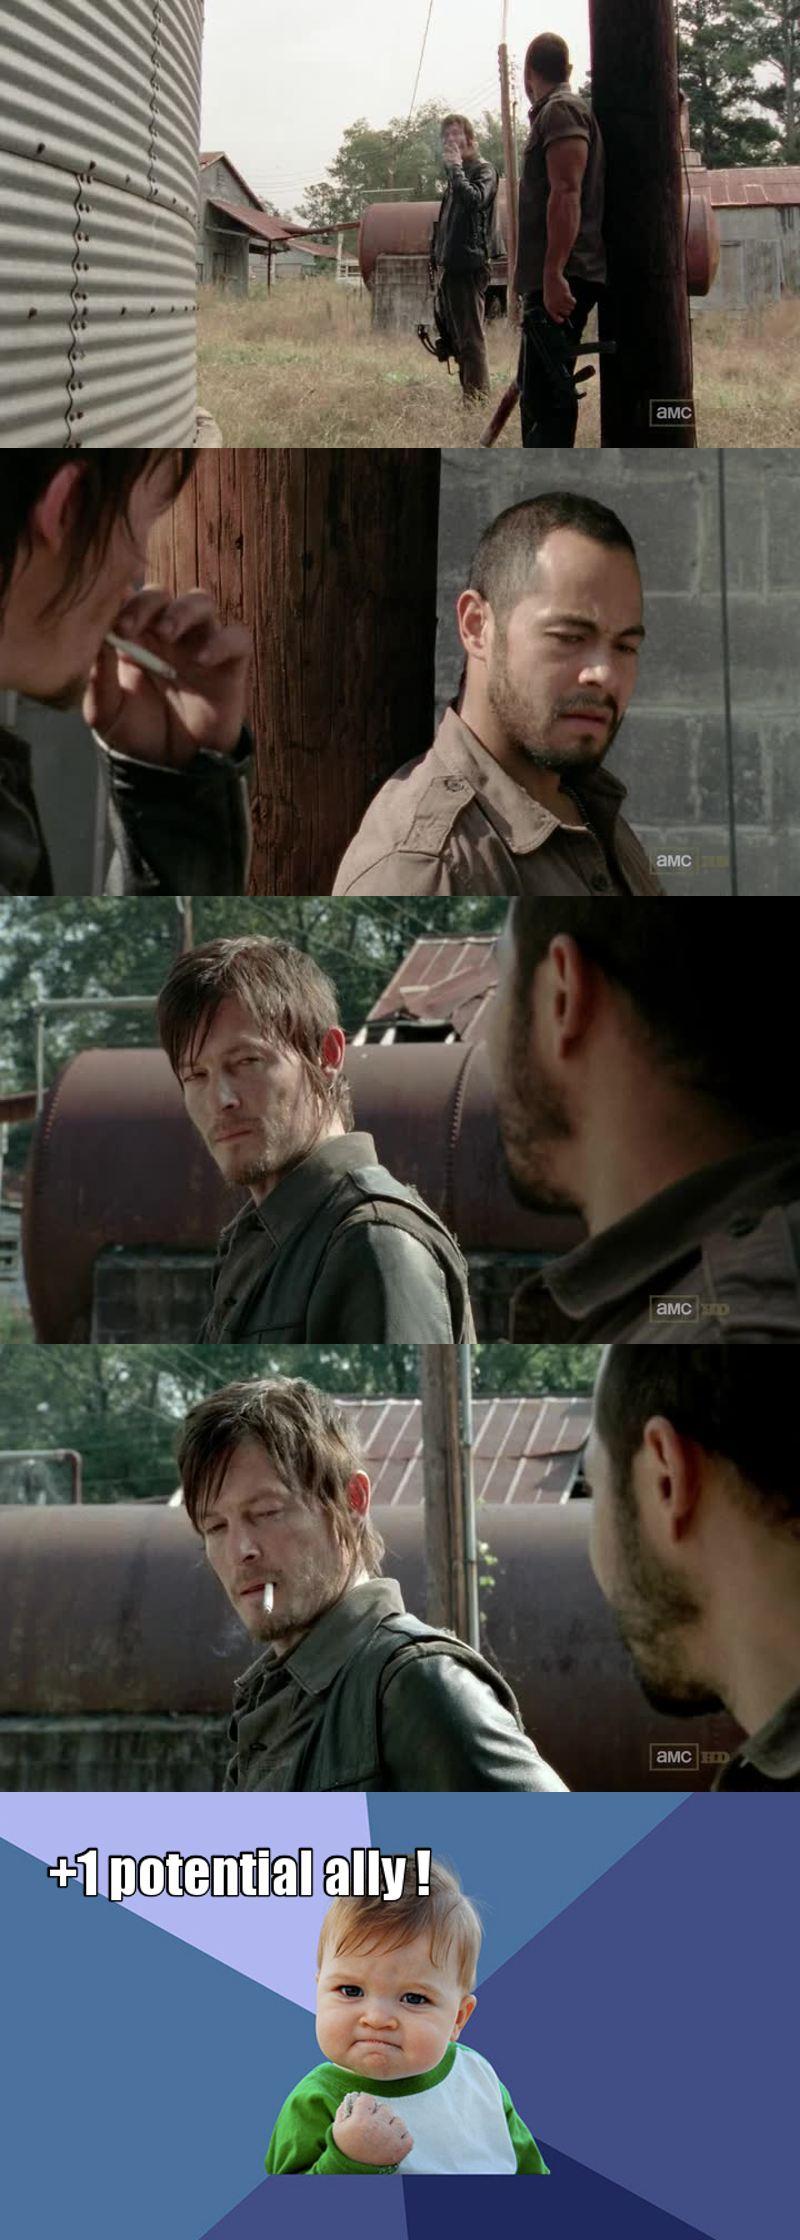 Fraternisation avec l'ennemi ! Bien joué Daryl !! J'espère juste que ça va porter des fruits et qu'ils ne vont pas s'entretuer deux jours après...